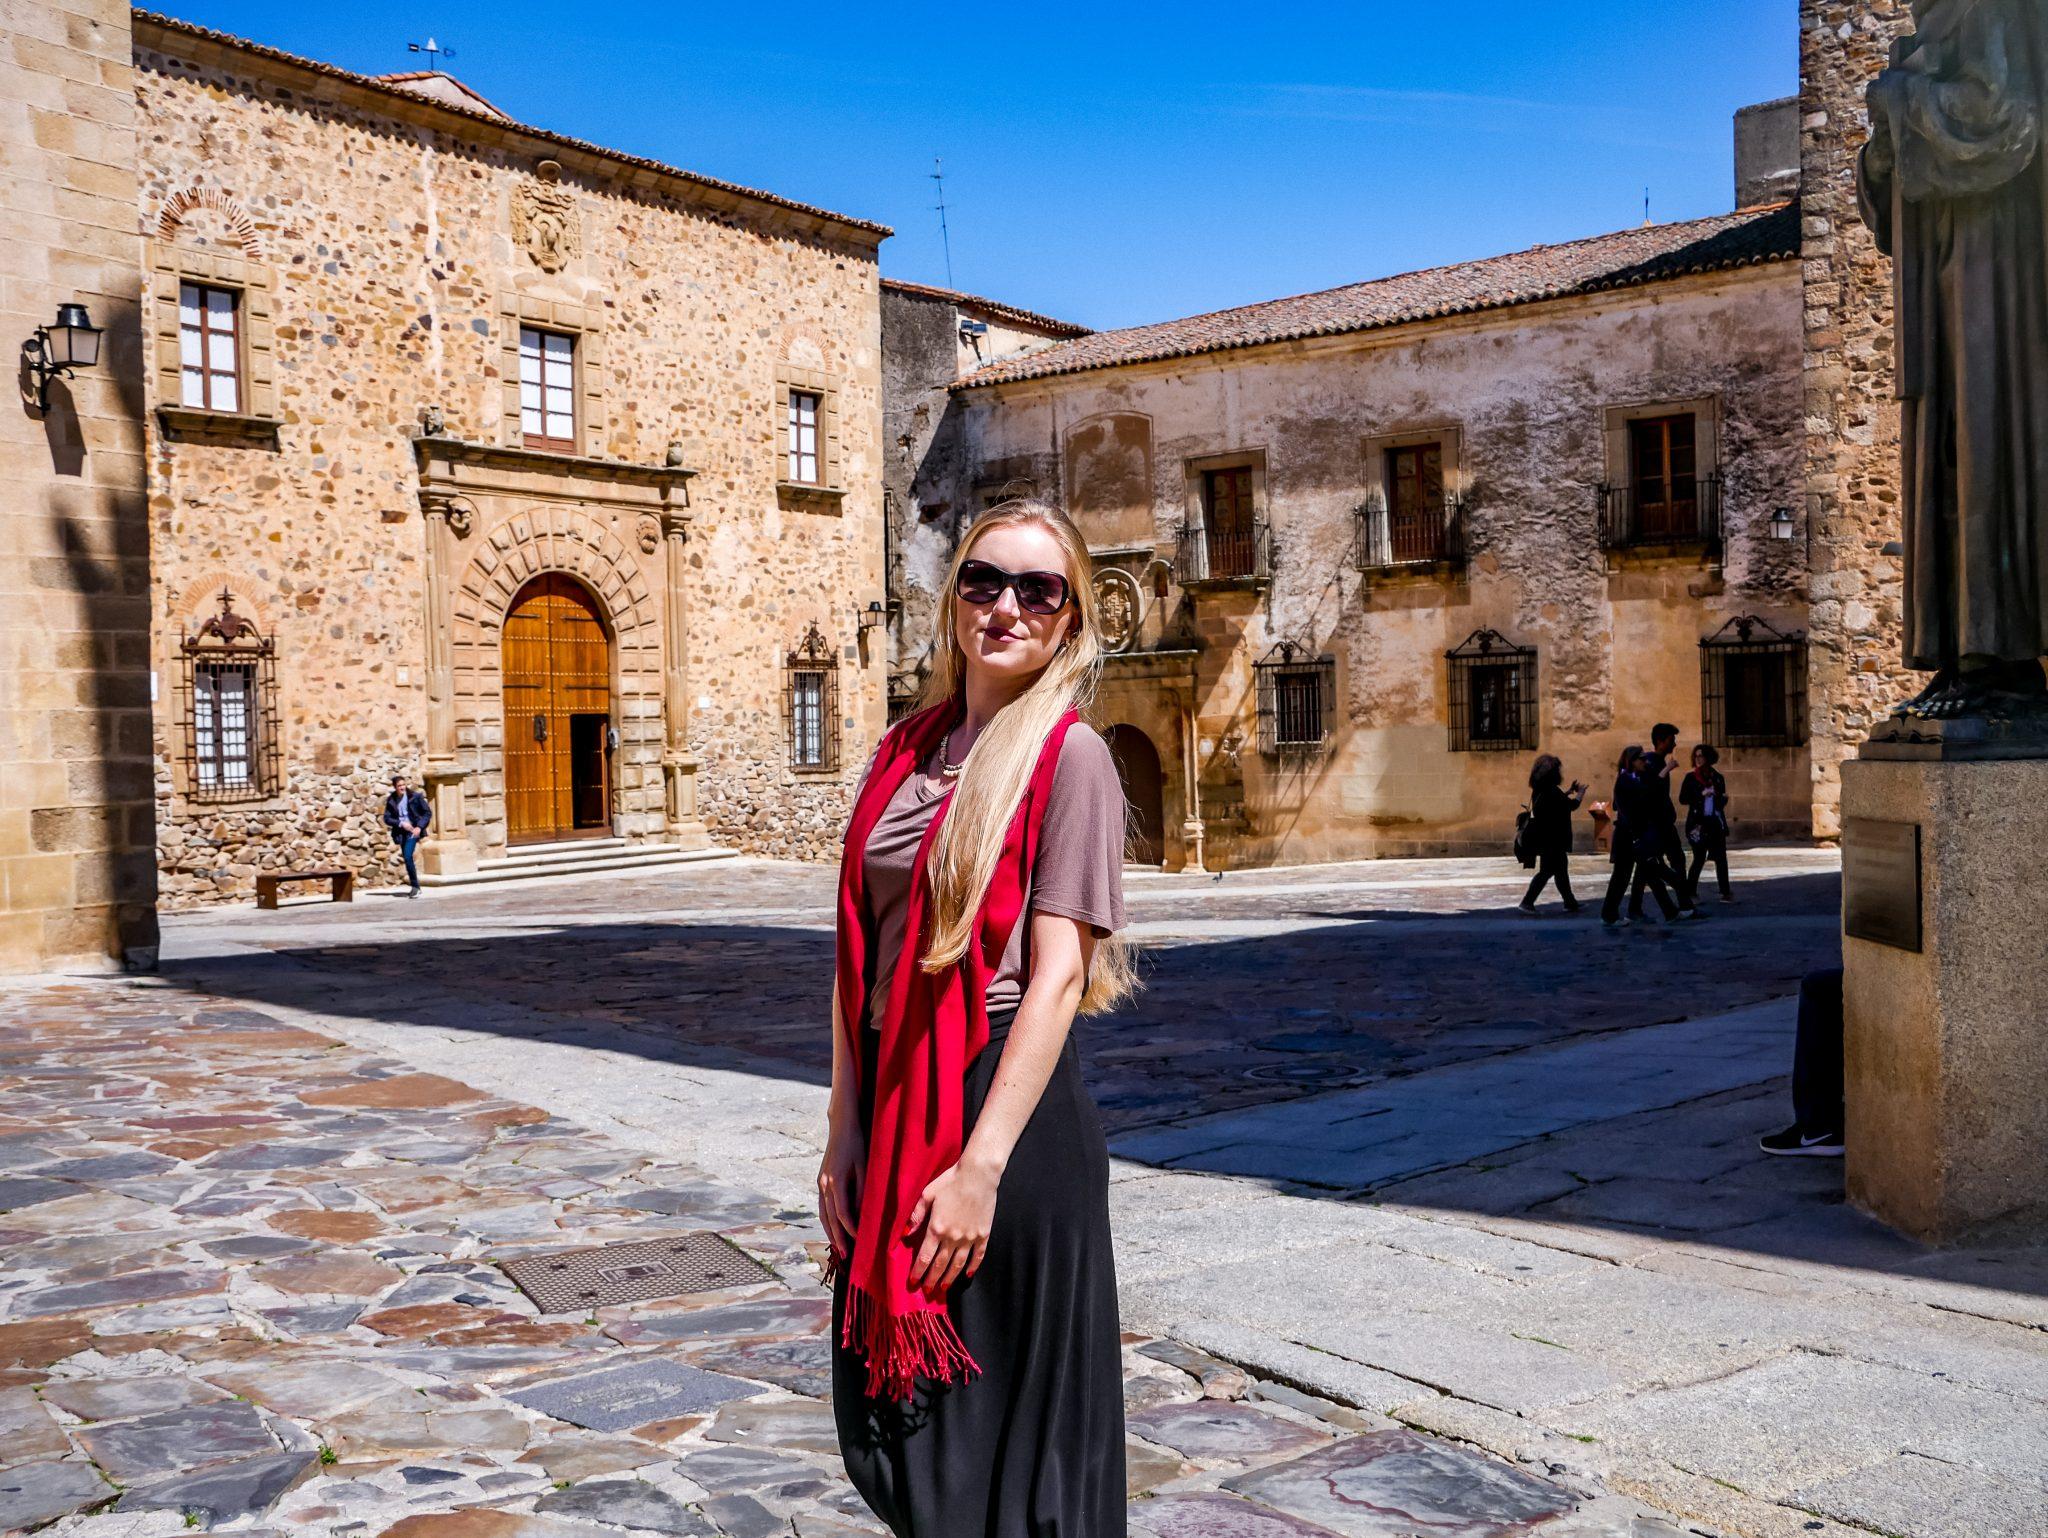 Die Altstadt von Cáceres wurde als Drehort für die 7. Staffel von Game of Thrones genutzt.